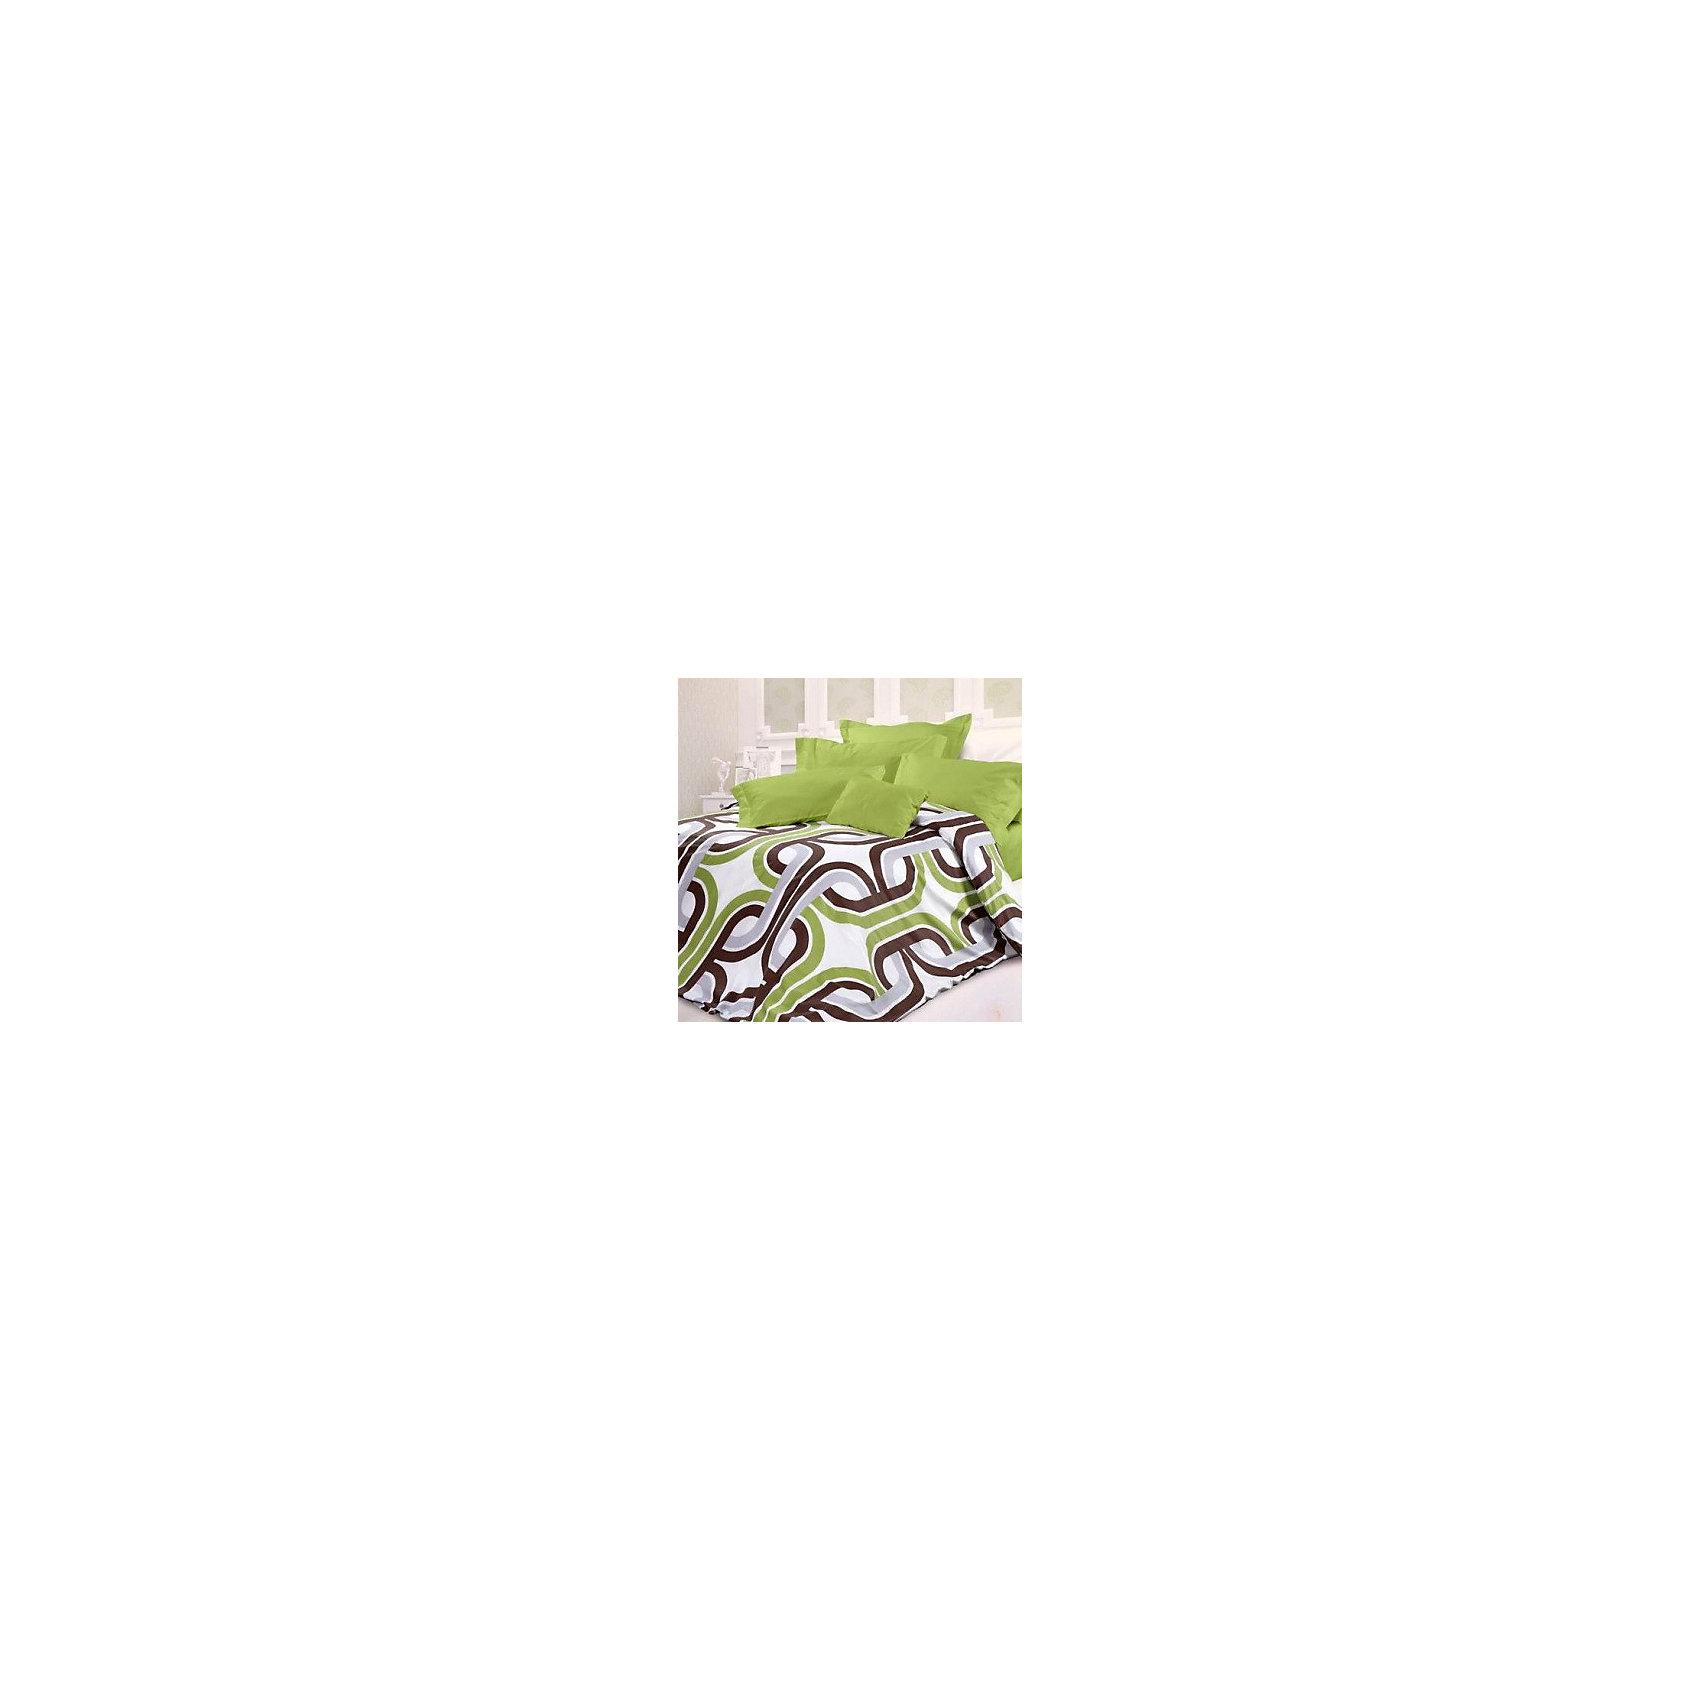 Постельное белье 1,5 Антуан сатин, УнисонДомашний текстиль<br>Характеристики товара:<br><br>• материал: хлопок;<br>• пододеяльник 215х145 см<br>• простыня 220х150 см<br>• 2 наволочки 70х70 см;<br>• размер упаковки 50х50х15 см;<br>• вес упаковки 1,4 кг;<br>• страна производитель: Россия.<br><br>Постельное белье 1,5-спальное «Антуан» сатин Унисон обеспечит уютный и спокойный сон. Комплект изготовлен из хлопка высокого качества — мягкого, плотного сатина, который отличается небольшим блеском и гладкостью. Он не вызывает аллергических реакций, является экологически чистым, отличается прочностью, пропускает воздух, не линяет, не теряет цвет после многочисленных стирок, не мнется.<br><br>Постельное белье 1,5-спальное «Антуан» сатин Унисон можно приобрести в нашем интернет-магазине.<br><br>Ширина мм: 500<br>Глубина мм: 500<br>Высота мм: 150<br>Вес г: 1406<br>Возраст от месяцев: 36<br>Возраст до месяцев: 216<br>Пол: Унисекс<br>Возраст: Детский<br>SKU: 5136354